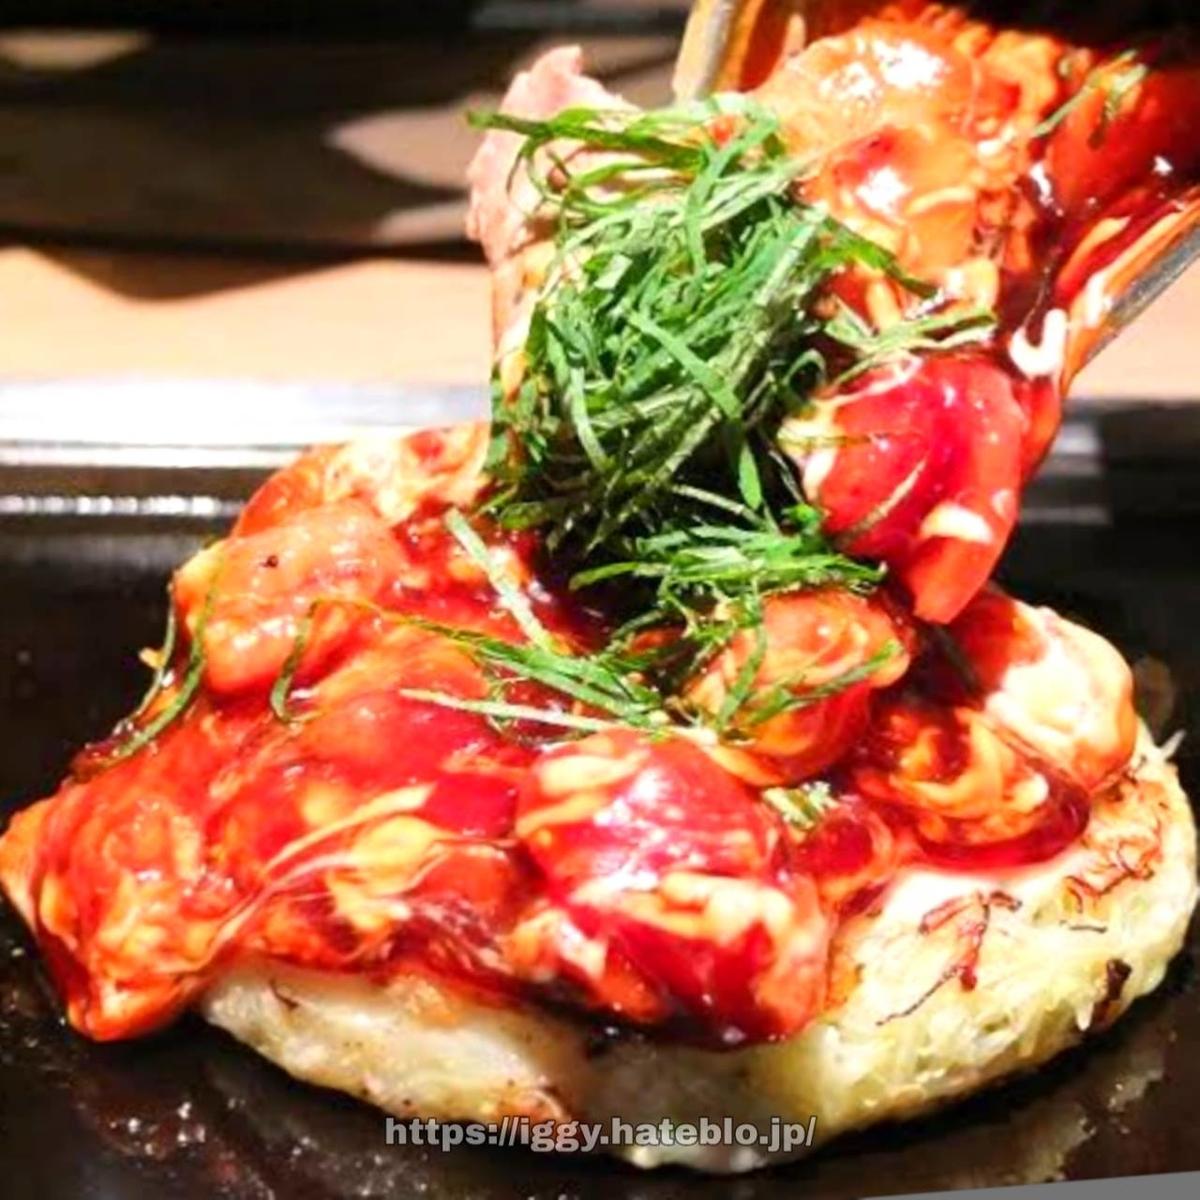 京ちゃばな トマトのお好み焼き iggy2019